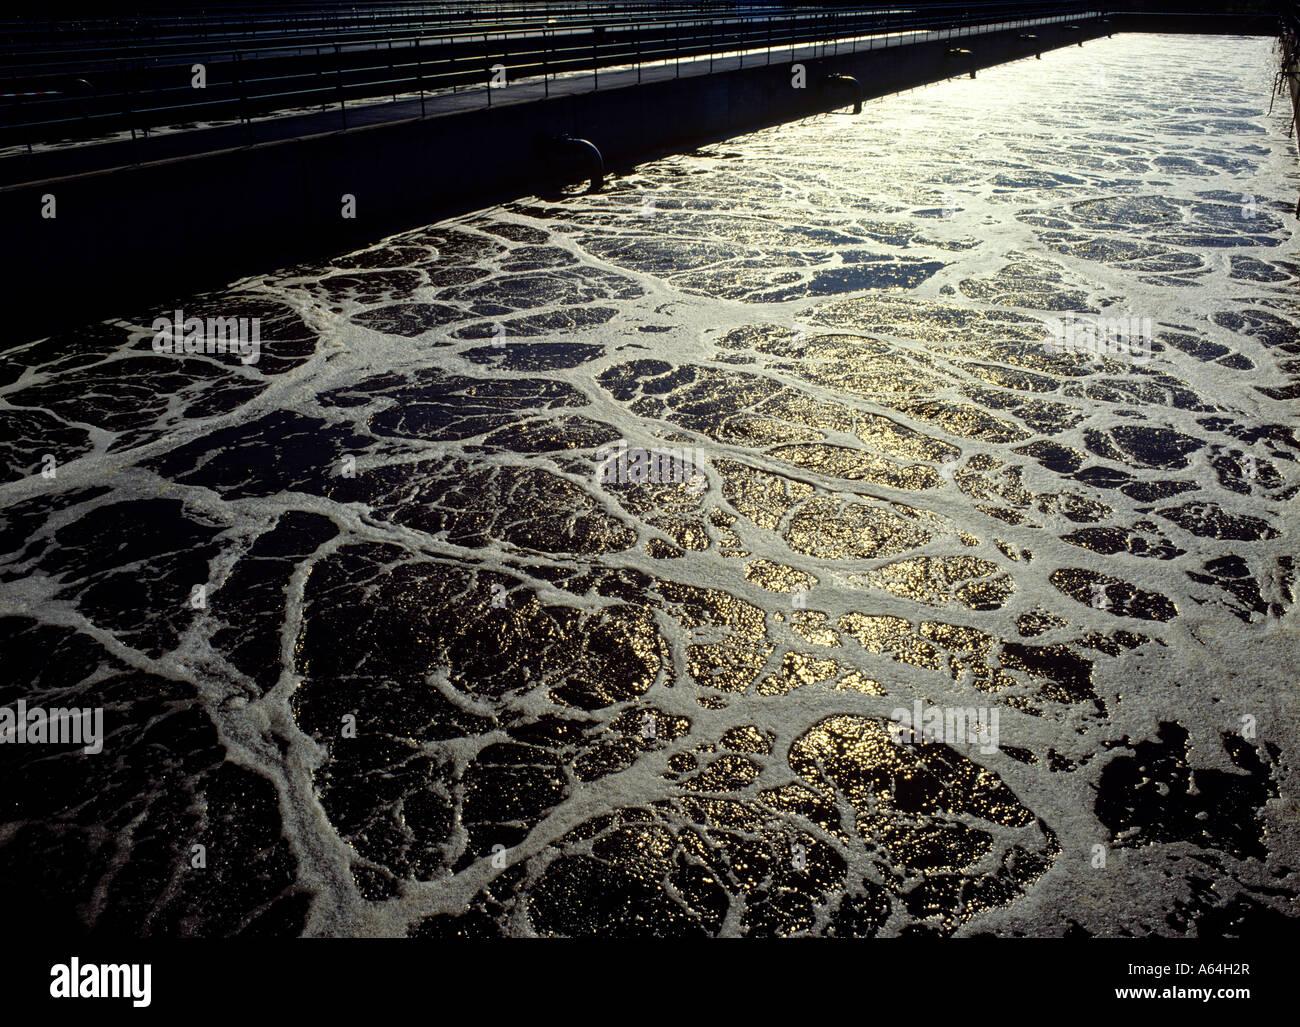 Secondario del serbatoio di aerazione fanghi attivati di trattamento delle acque reflue e impianto di depurazione Foto Stock